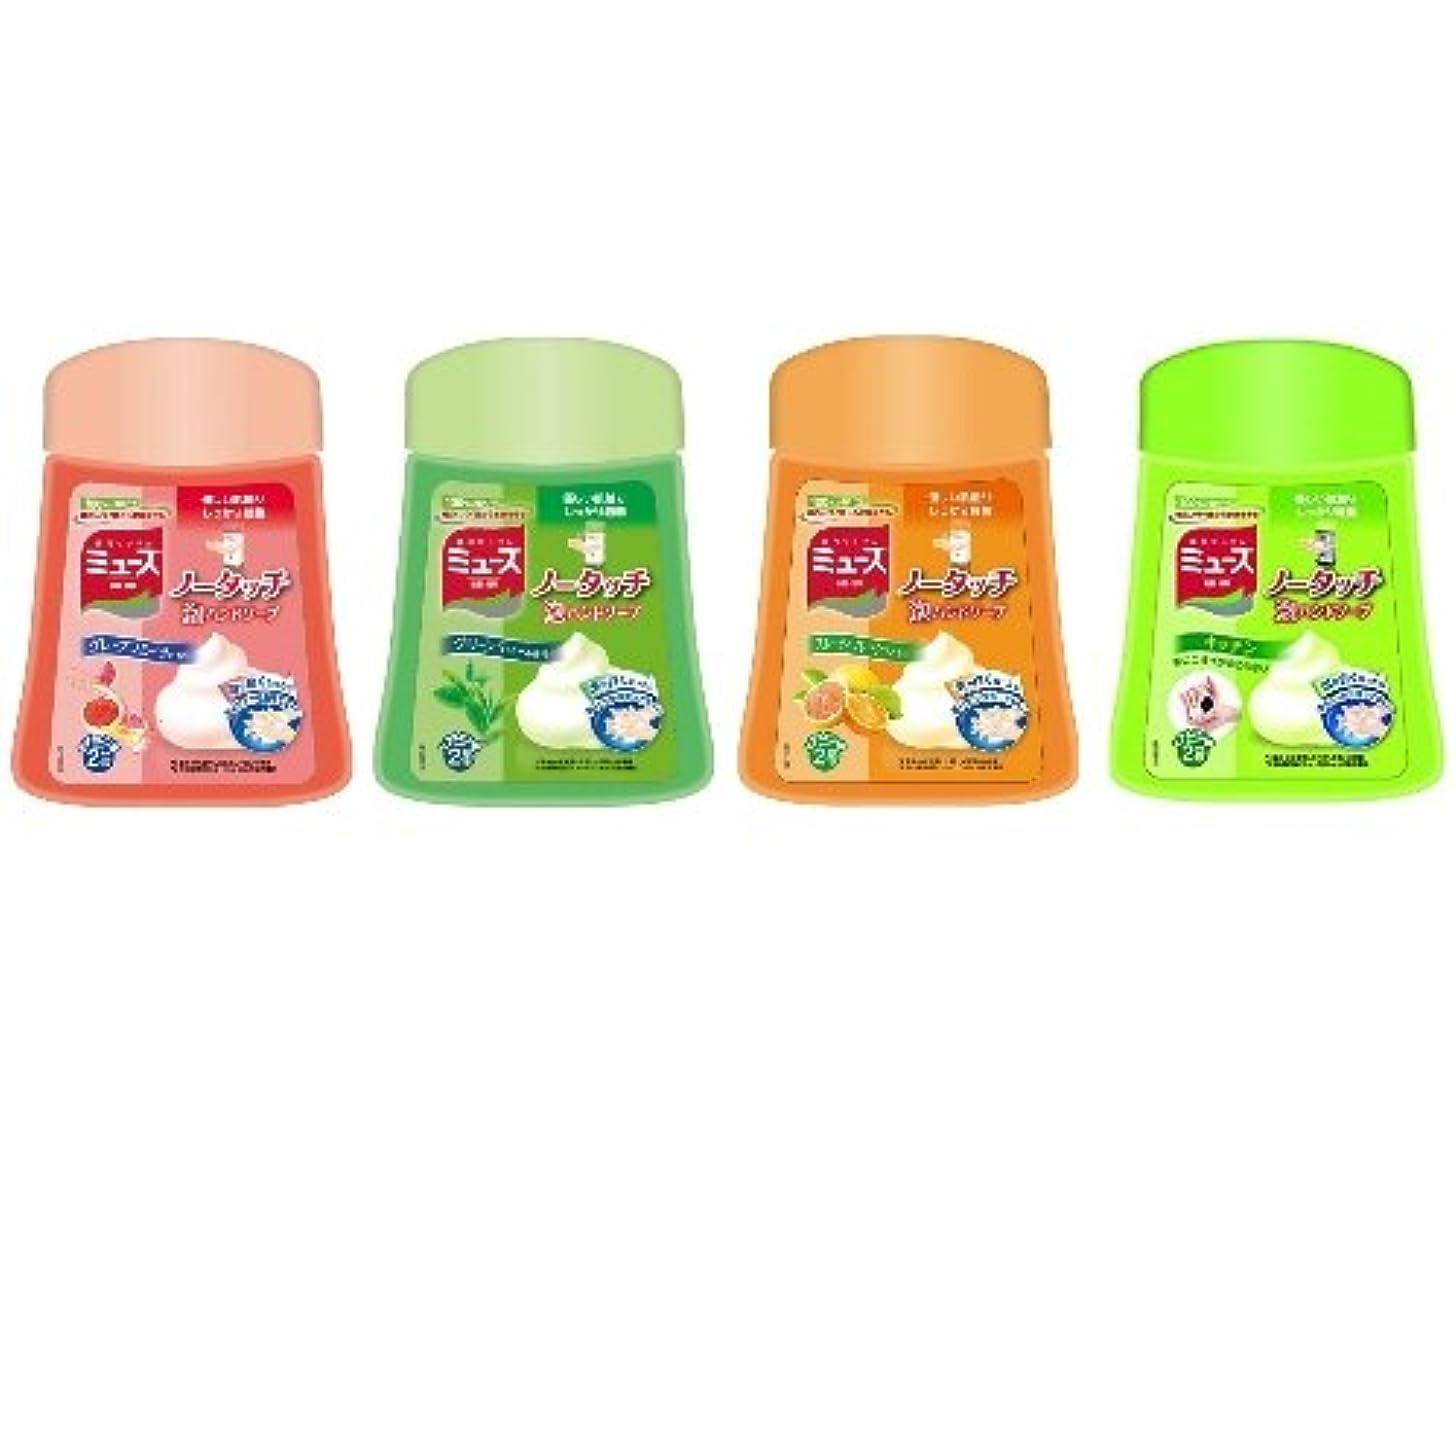 美徳財産ピルミューズ ノータッチ 泡ハンドソープ 詰替え 4種の色と香りボトル 250ml×4個 薬用ハンドソープ 手洗い 殺菌 消毒